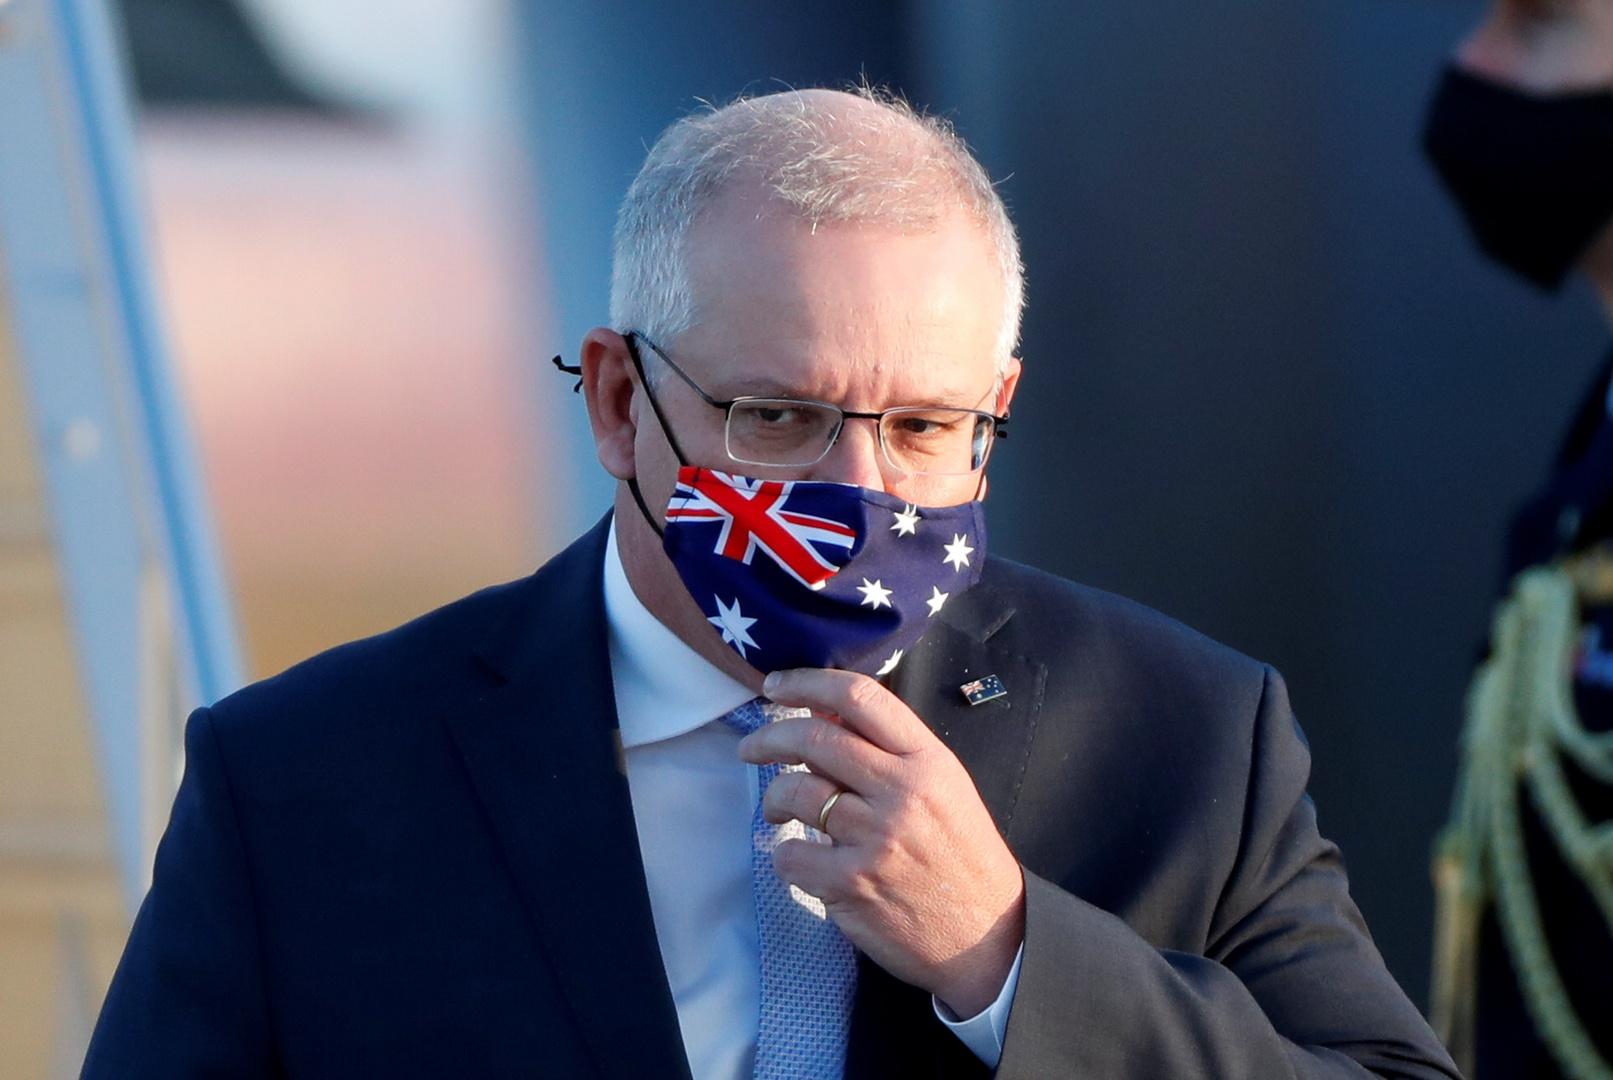 رئيس وزراء أستراليا يعتذر لموظفة زعمت اغتصابها في البرلمان